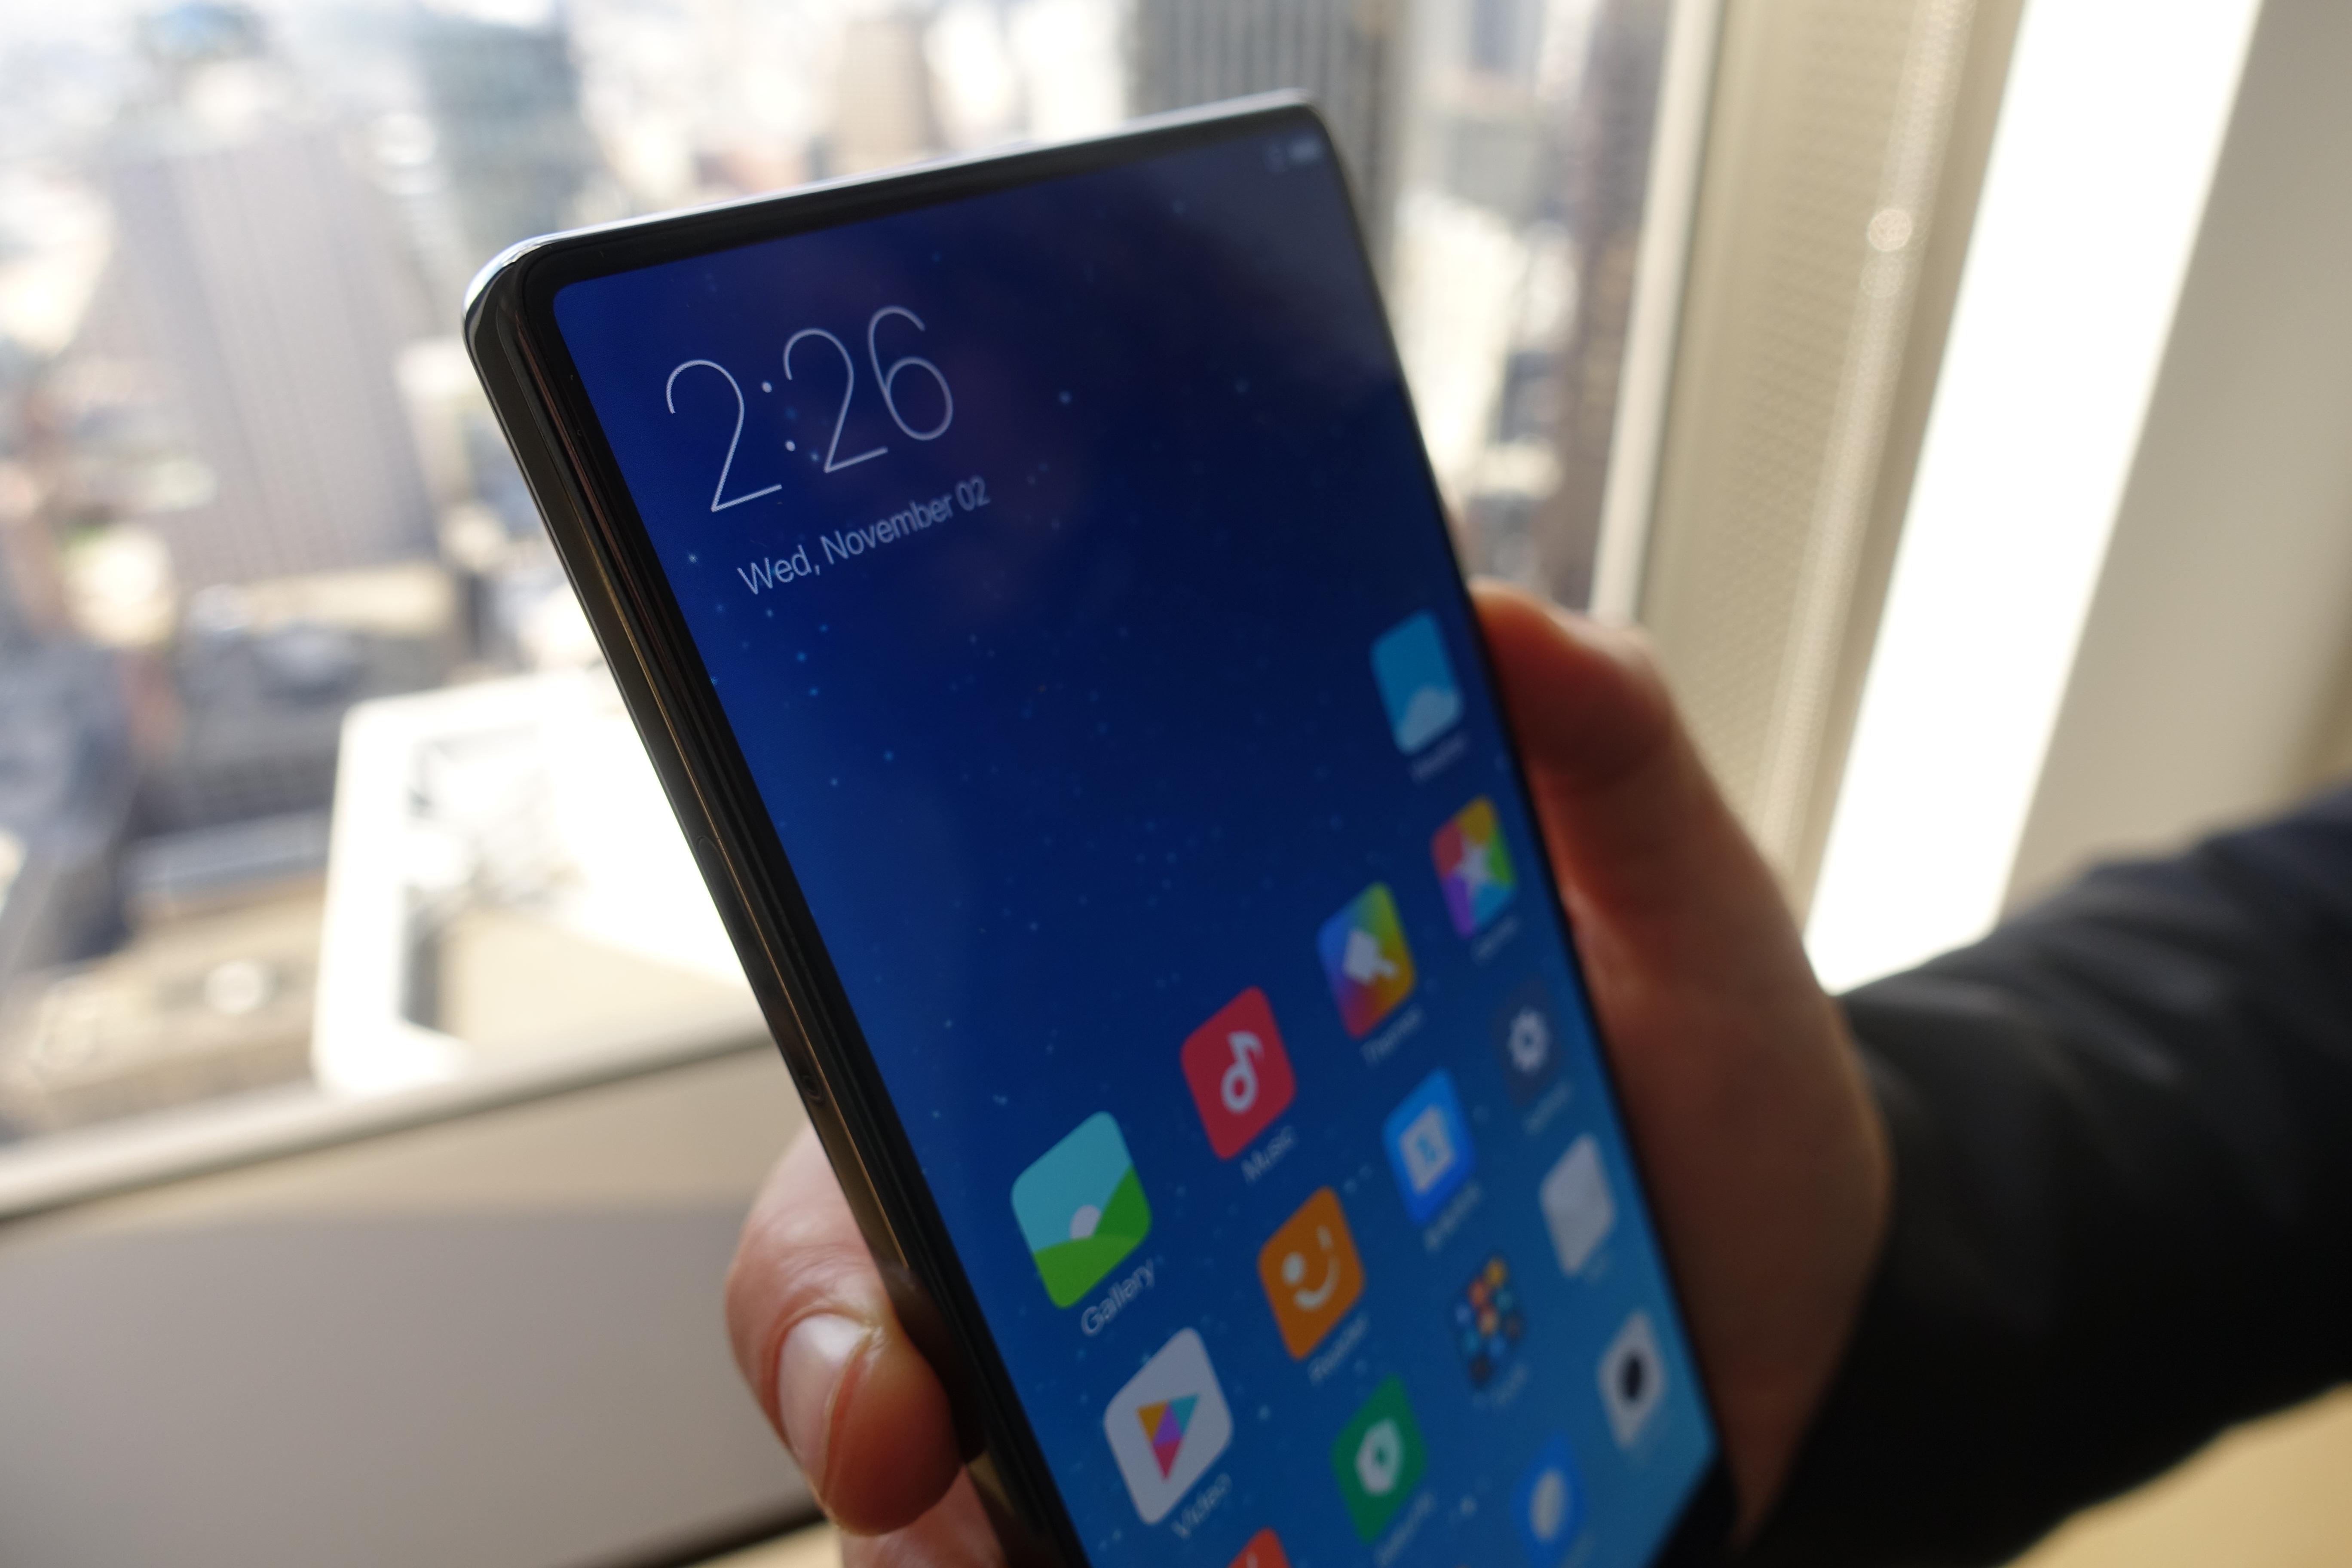 Rammeløse mobiler er fremtiden, liten tvil om det, men når kommer Google, Apple og Microsoft etter?